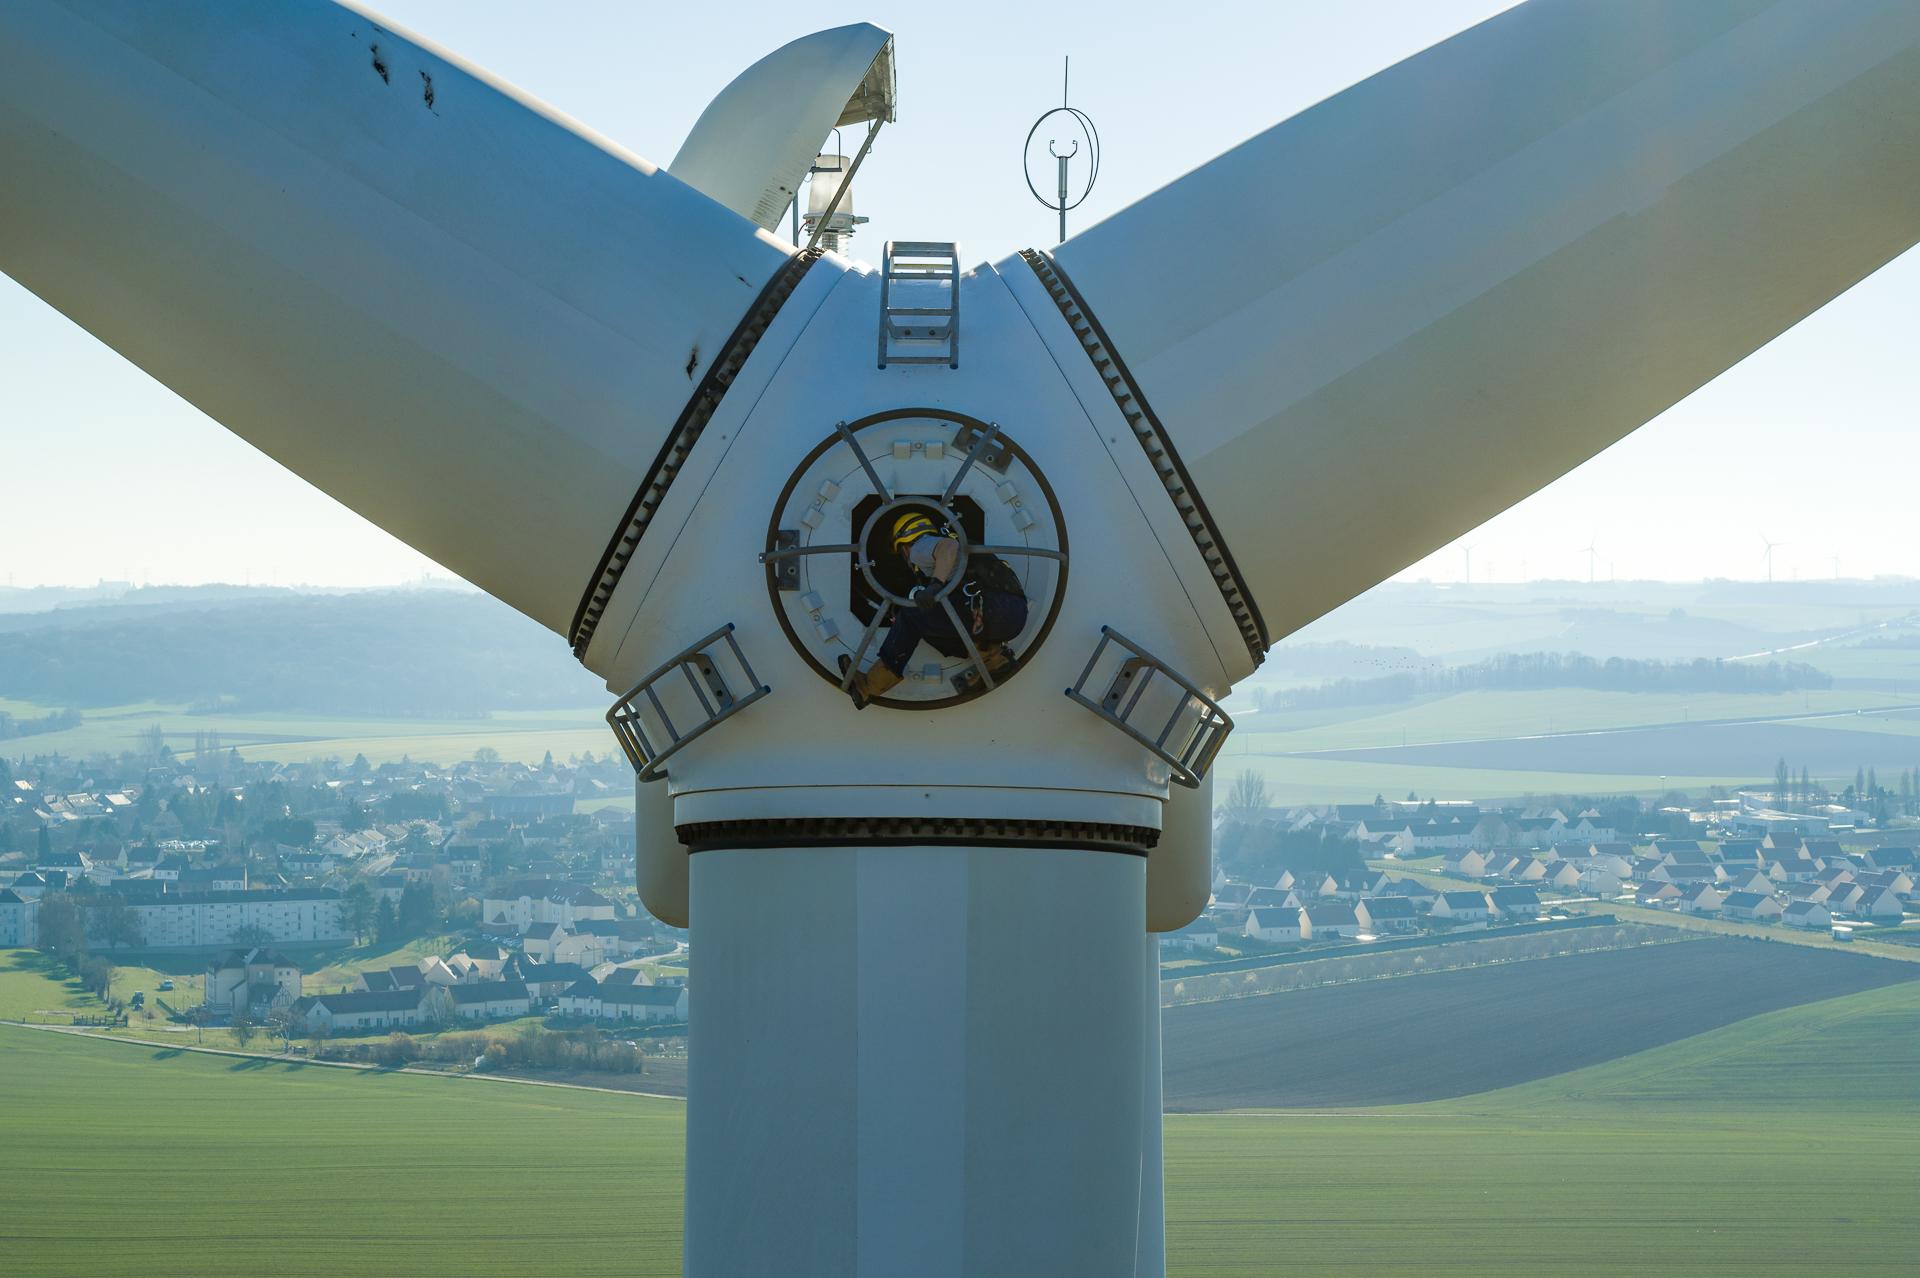 Kallista_Energy_Picardie_Breteuil-0512©Stephane_Leroy.jpg